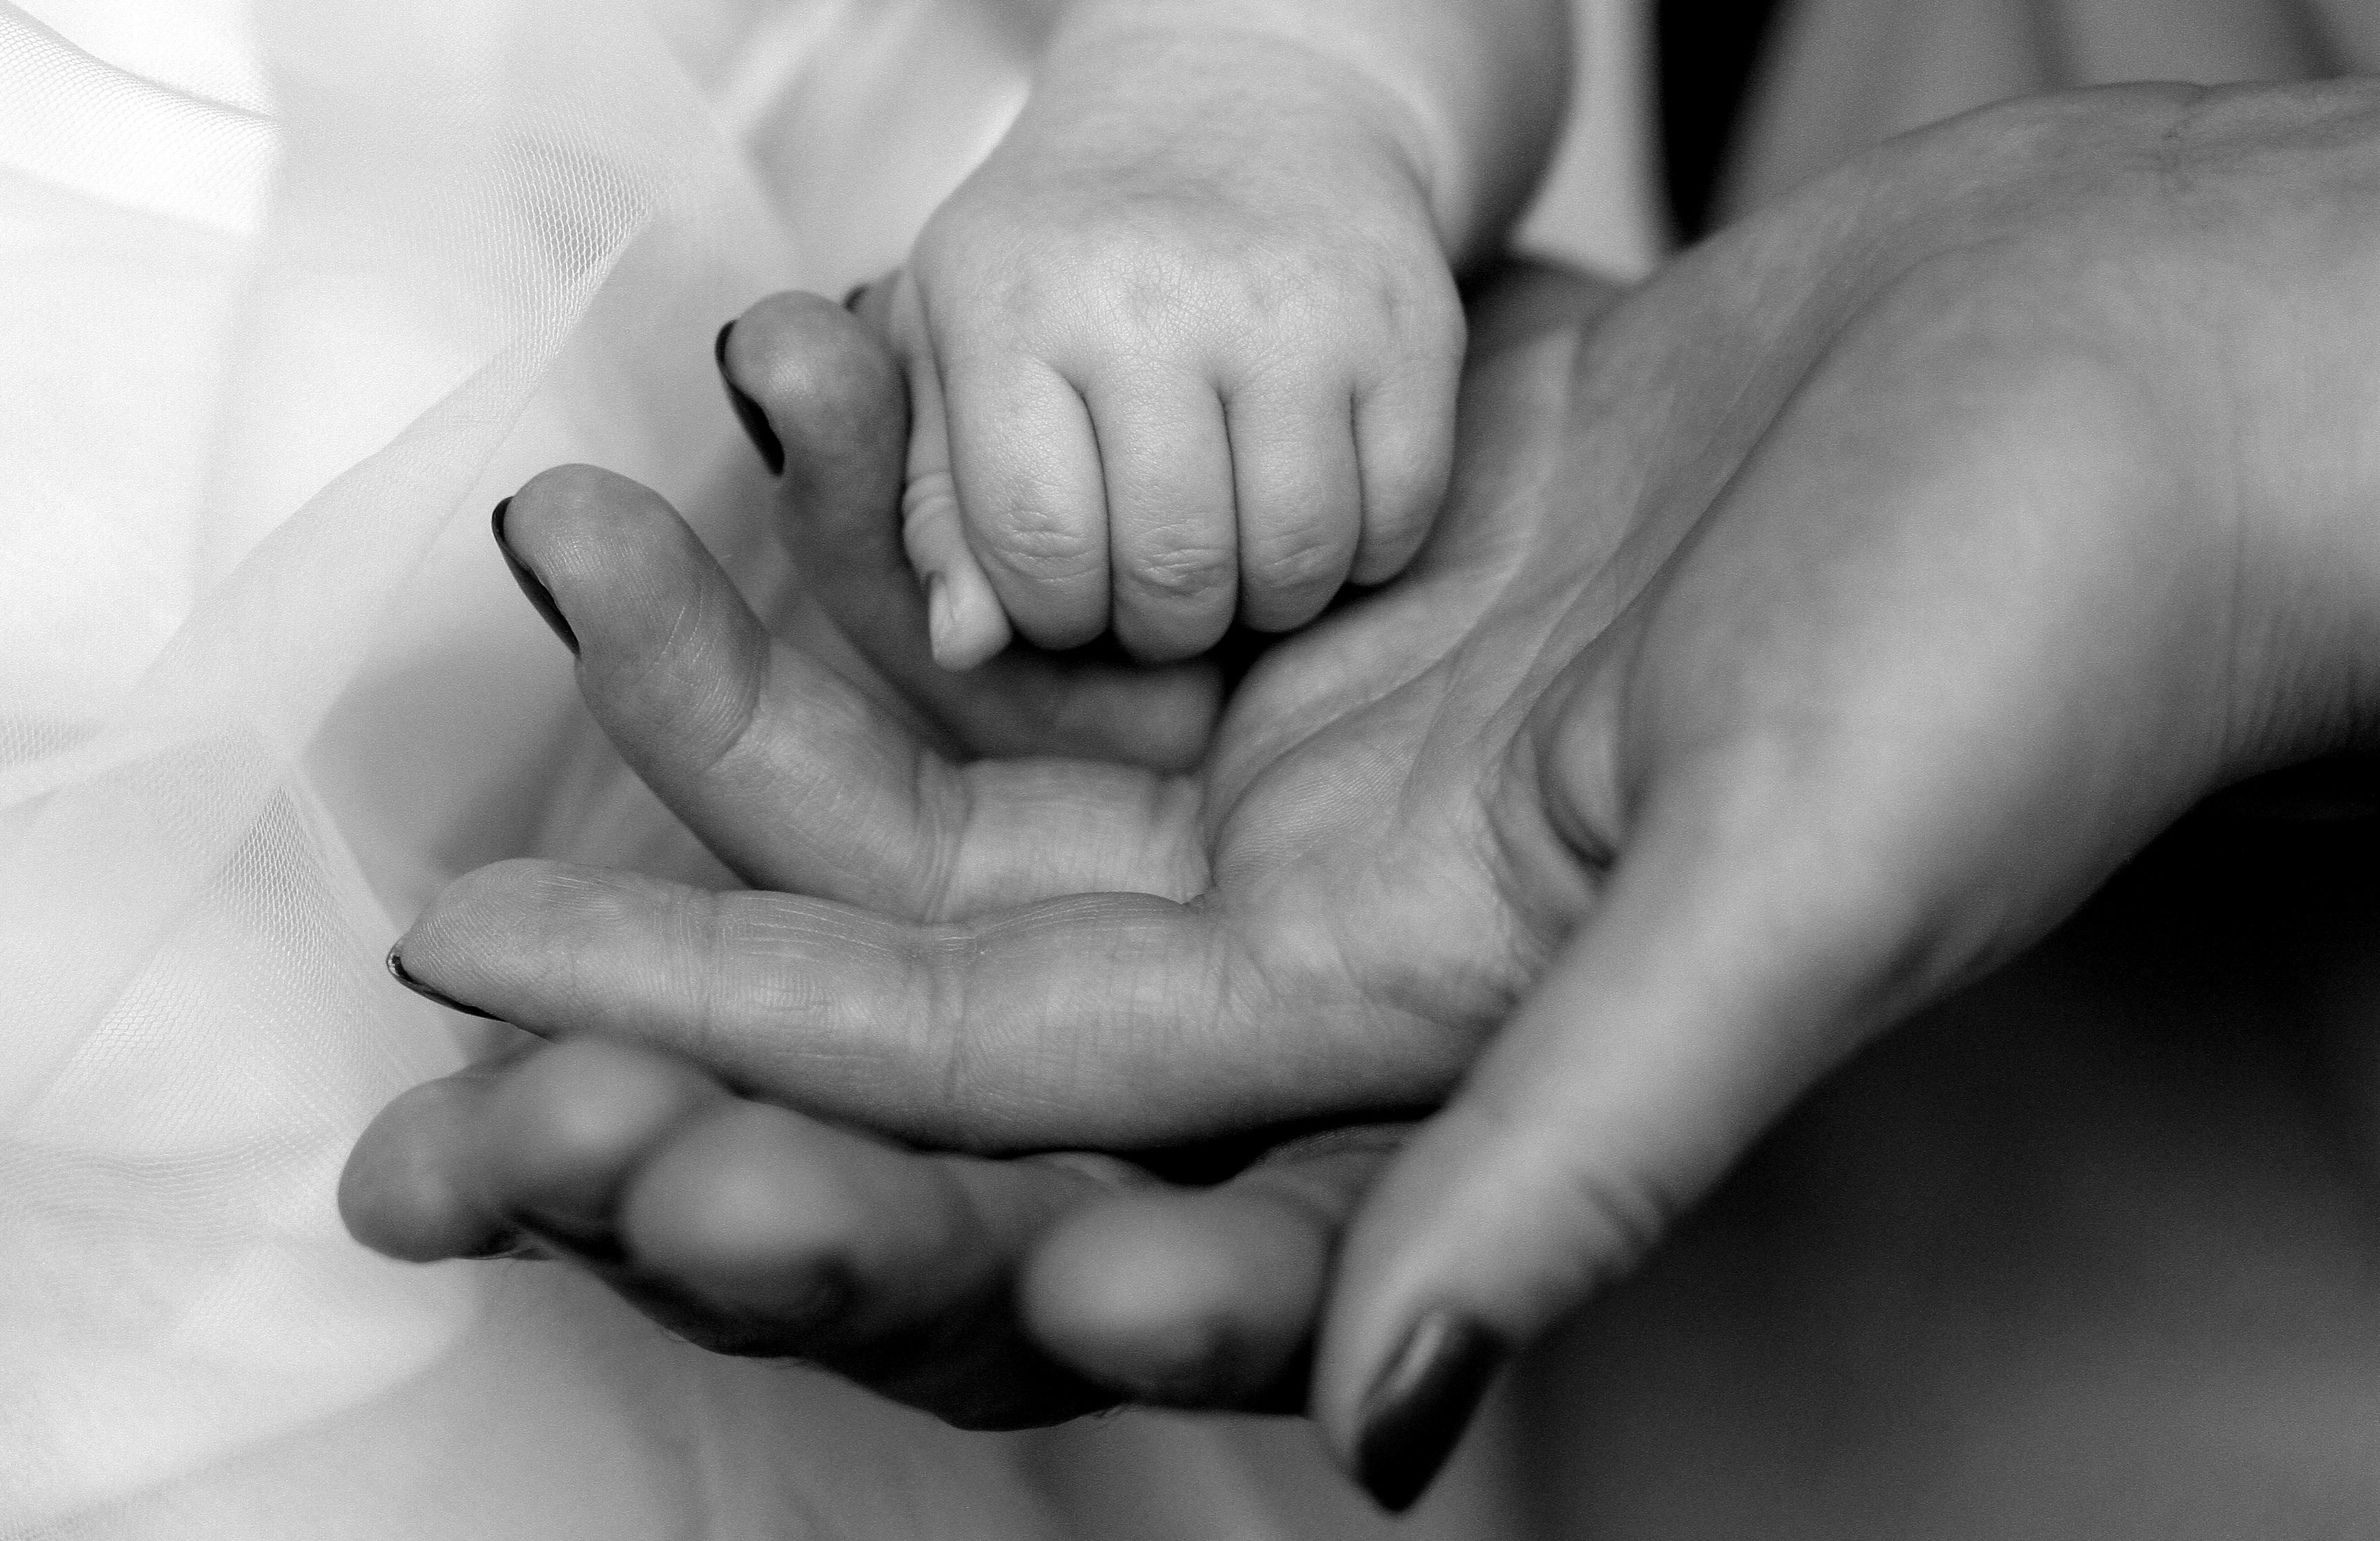 Любовь семья счастье картинки